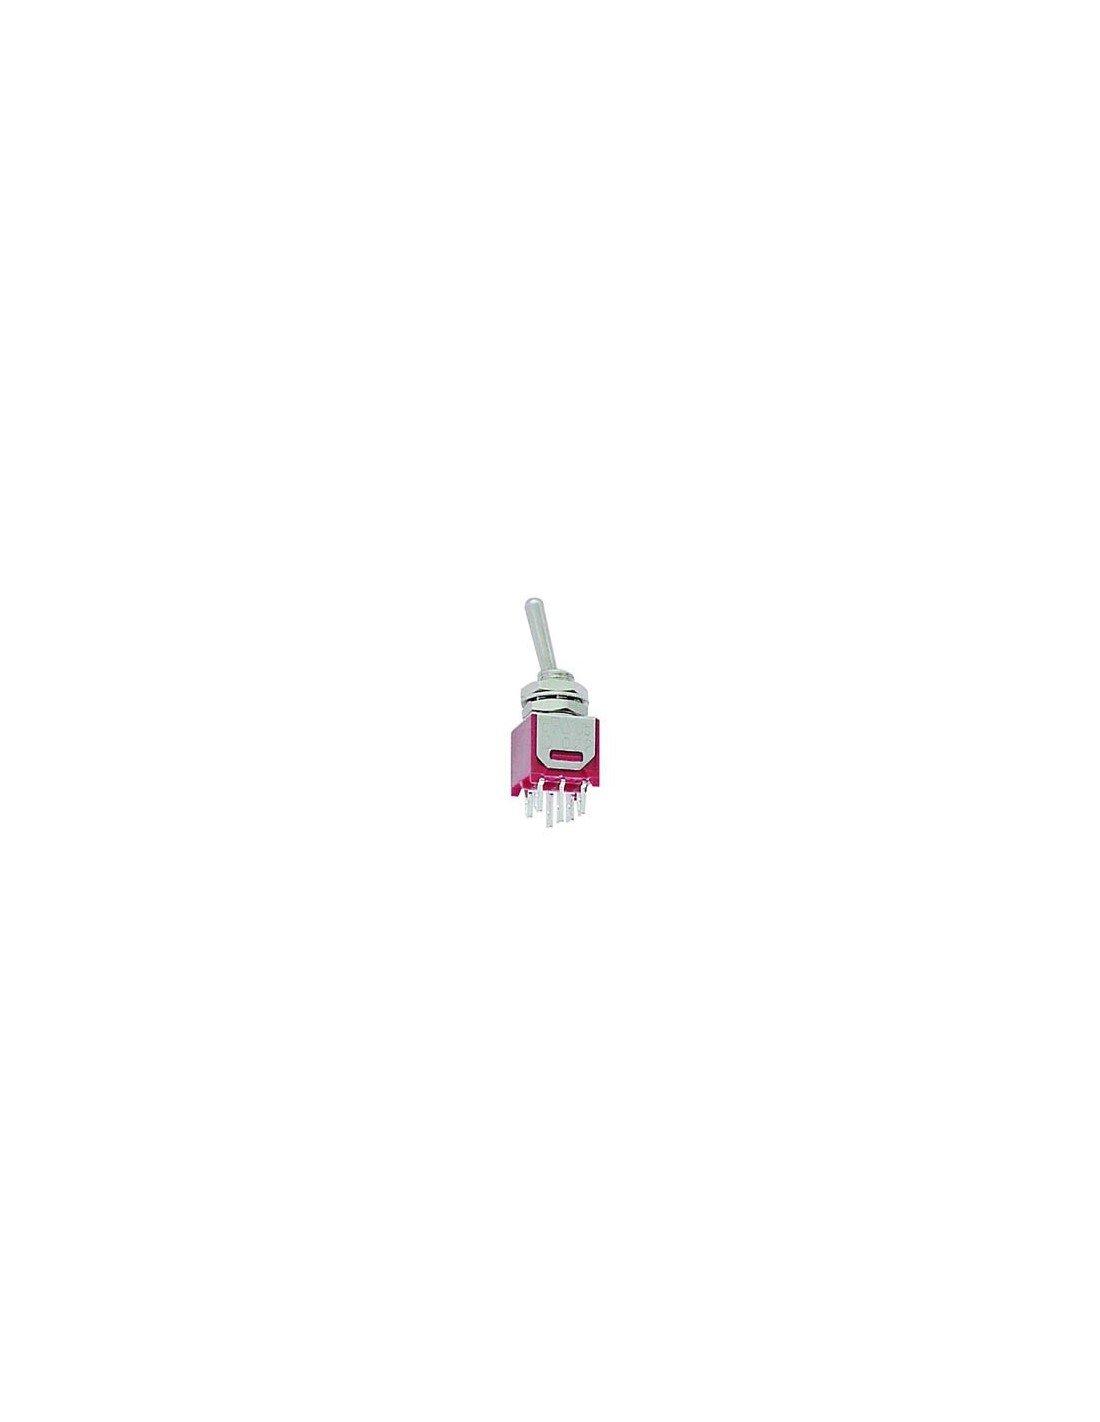 Perel 300187Interrupteur à bascule, subminiatur DPDT A électronique E subminiatur DPDT A électronique E